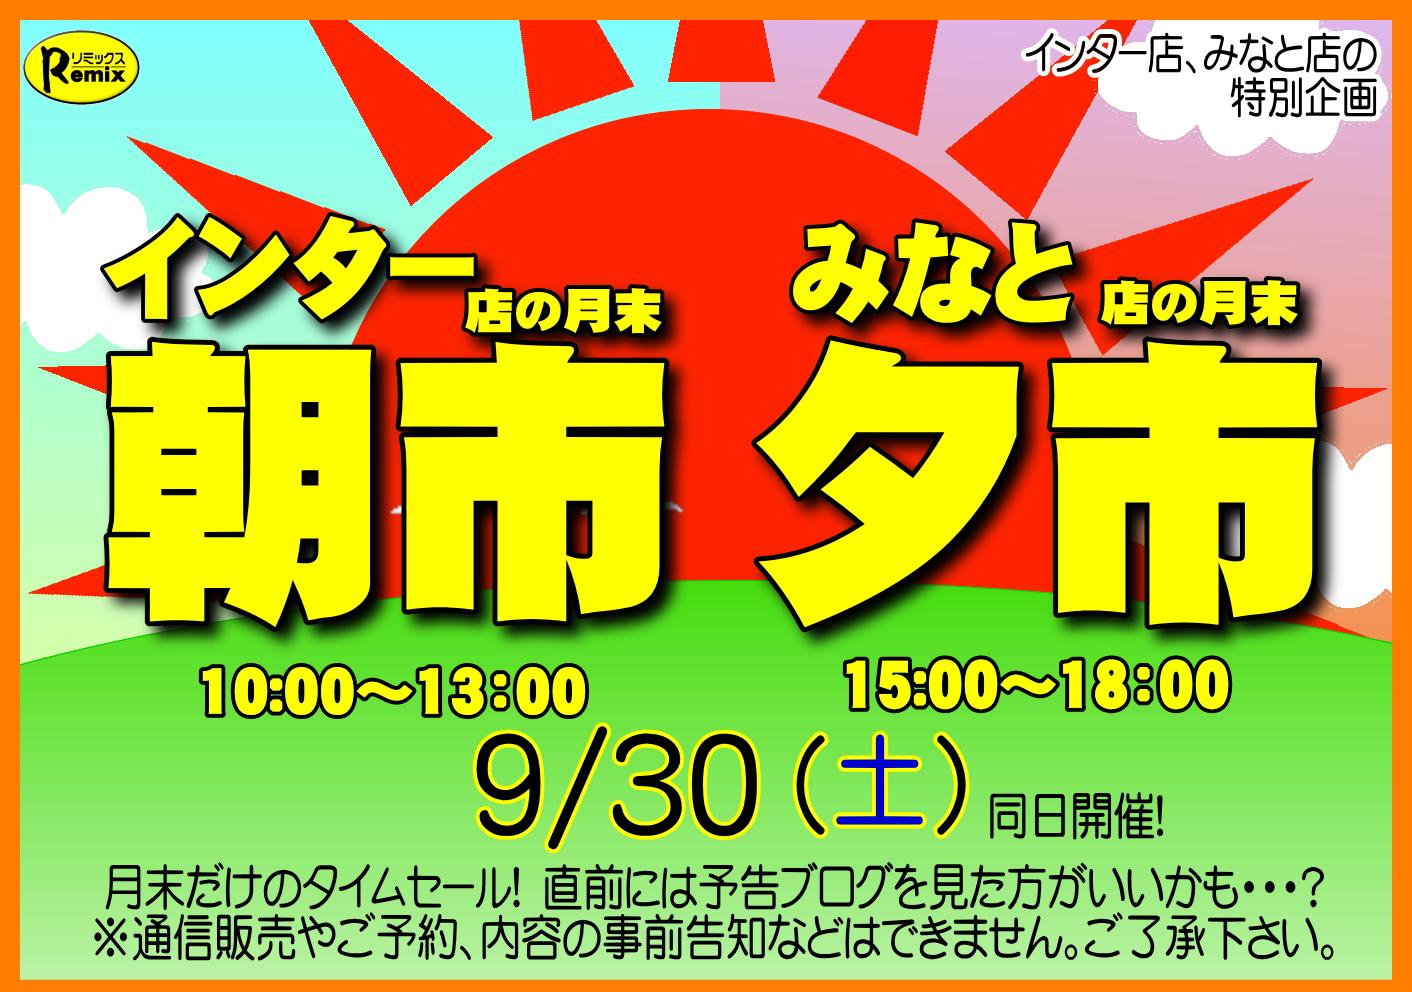 明日はインター朝市!みなと店夕市!2店舗同日開催日!